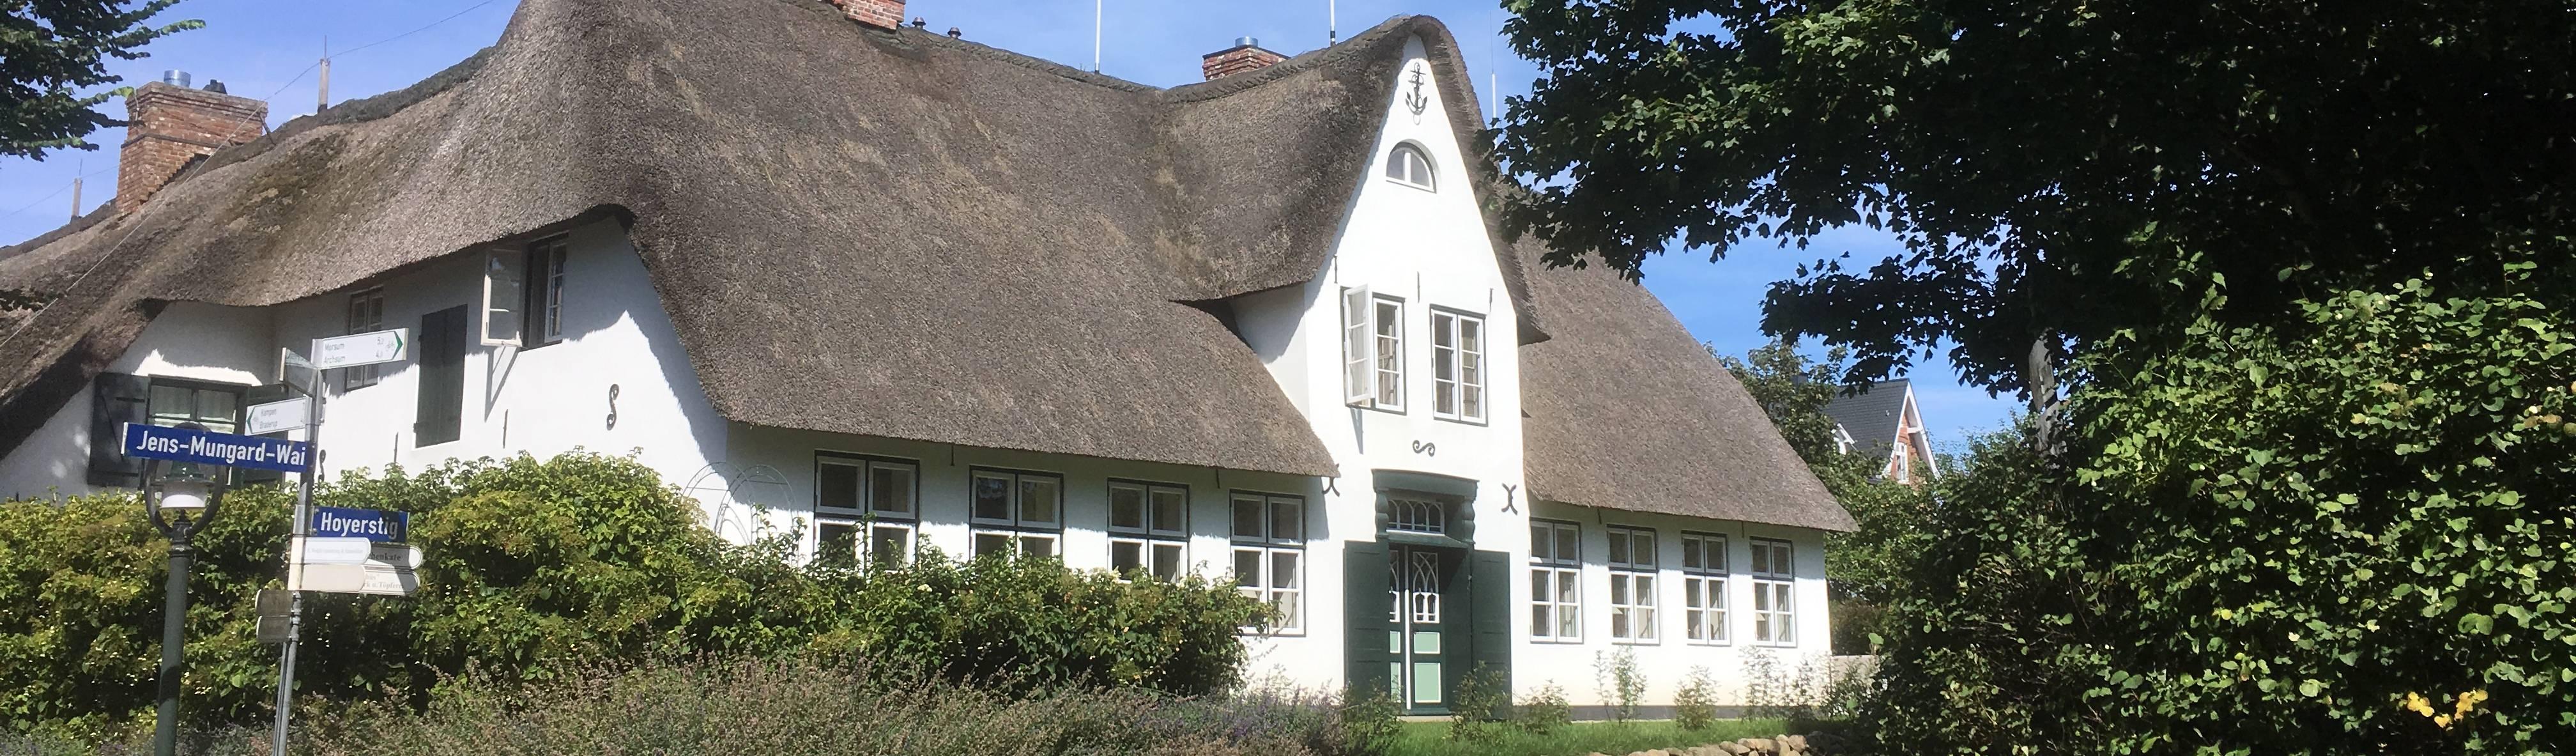 Meyerfeldt Architektur & Innenarchitektur